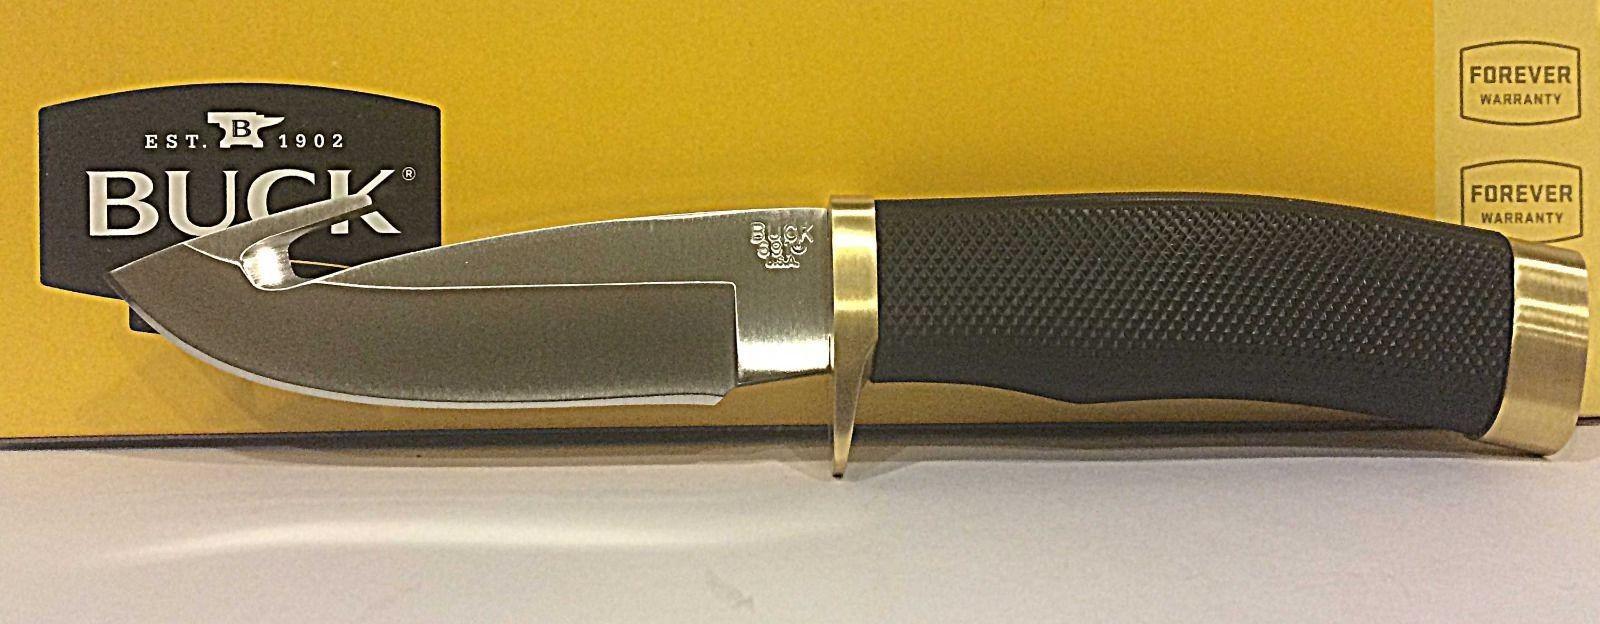 Фото 12 - Нож туристический 691 Zipper™ - BUCK 0691BKG, сталь 420HC, рукоять синтетическая резина Alcryn® Rubber